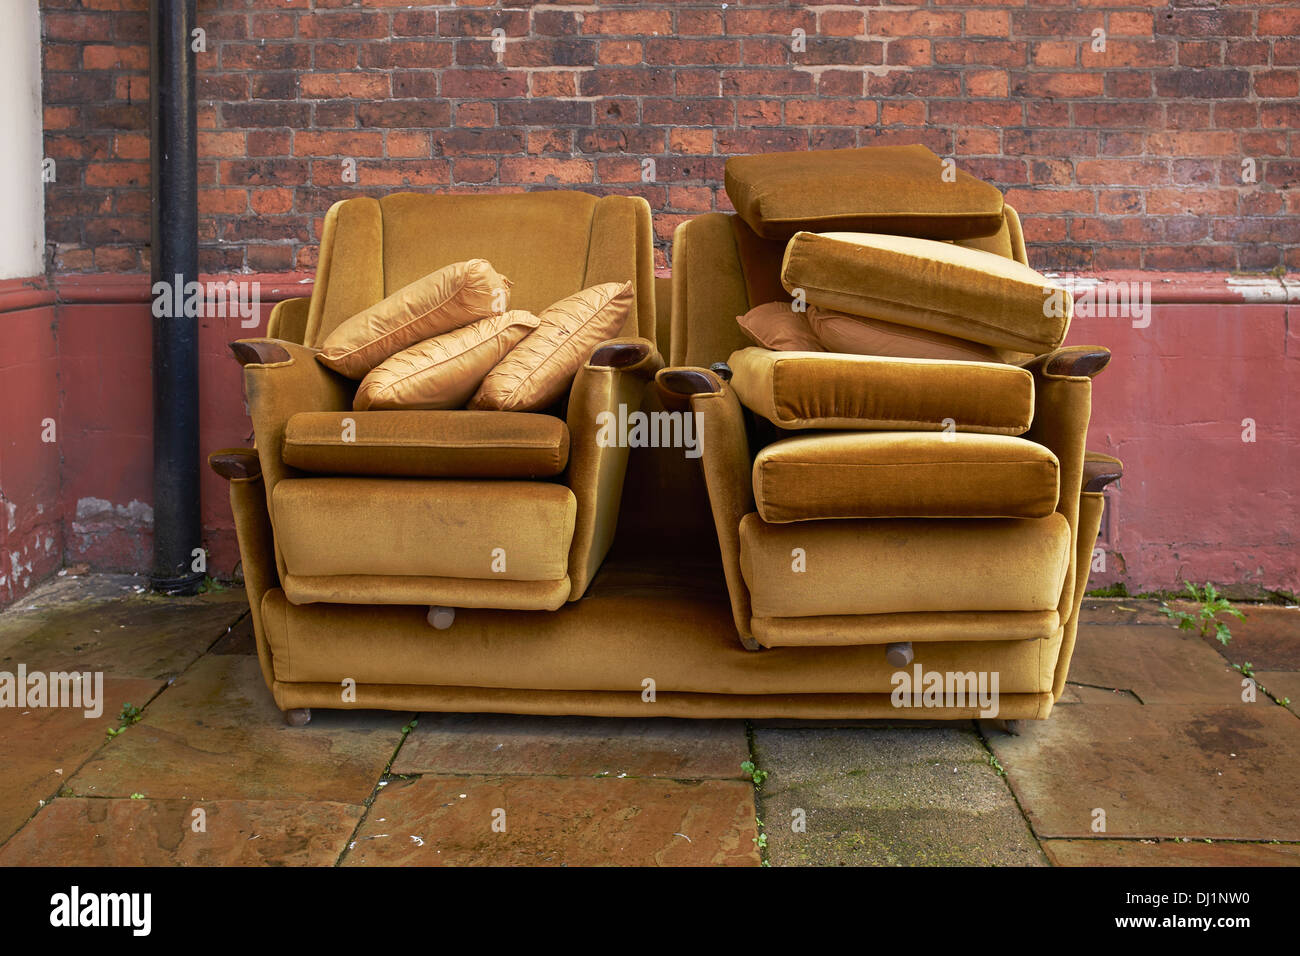 Vieux canapé laissé dehors sous la pluie Photo Stock